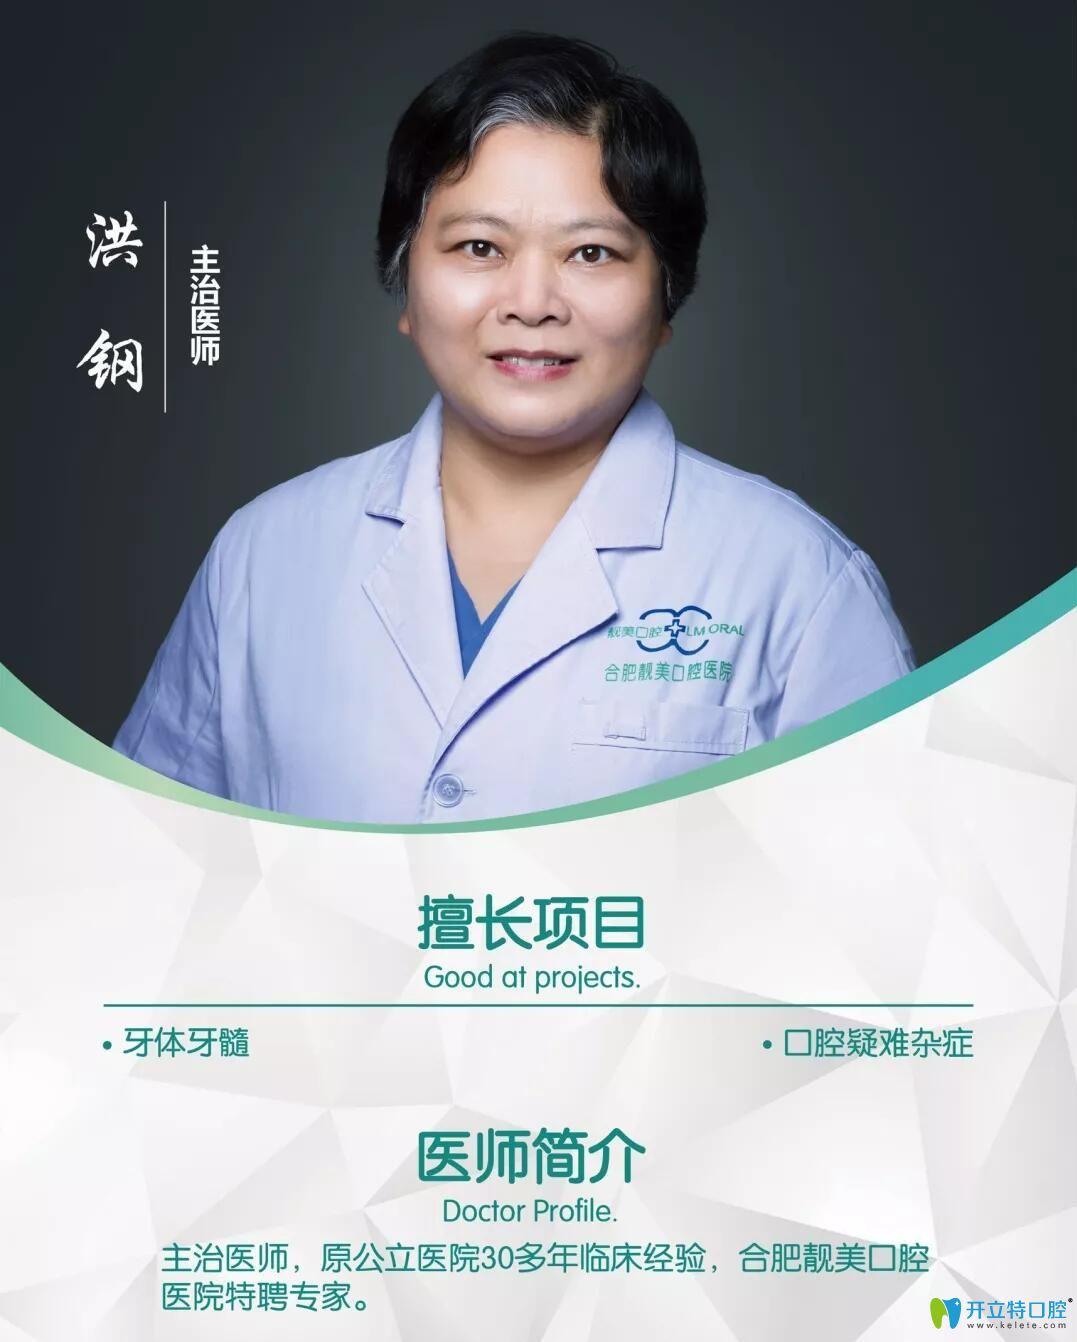 洪钢医生简介